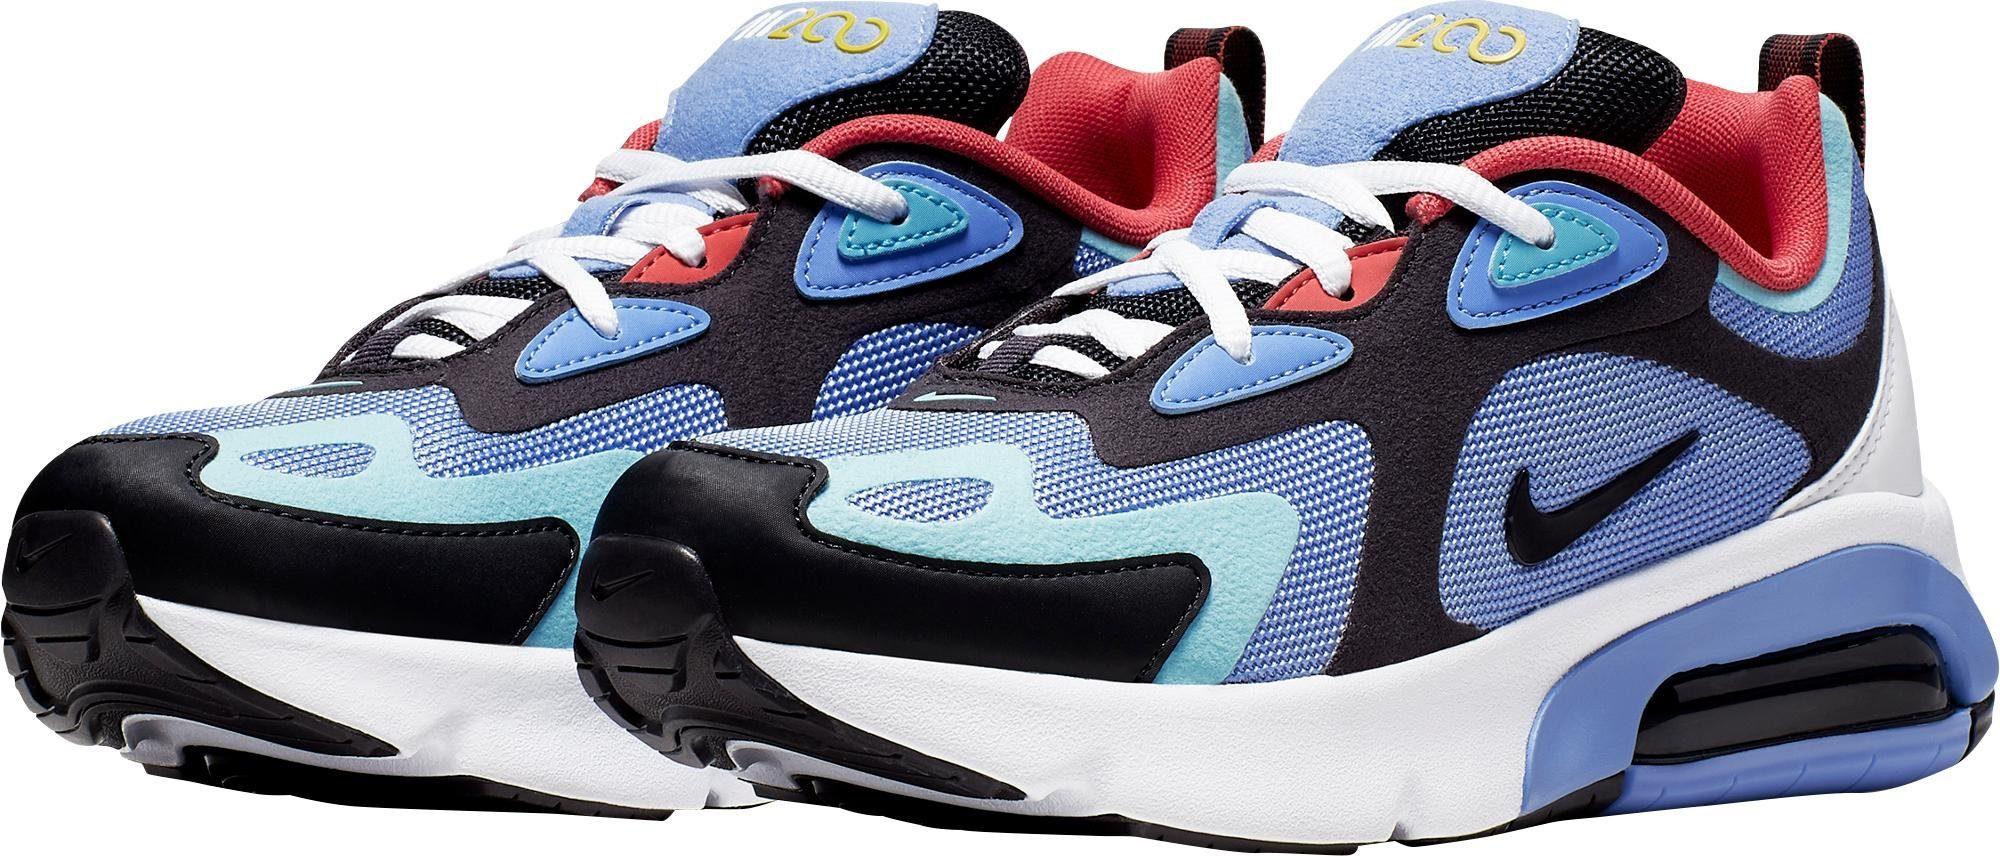 Nike Sportswear »AIR MAX 200 BG« Sneaker, Trendiger Sneaker von Nike online kaufen   OTTO